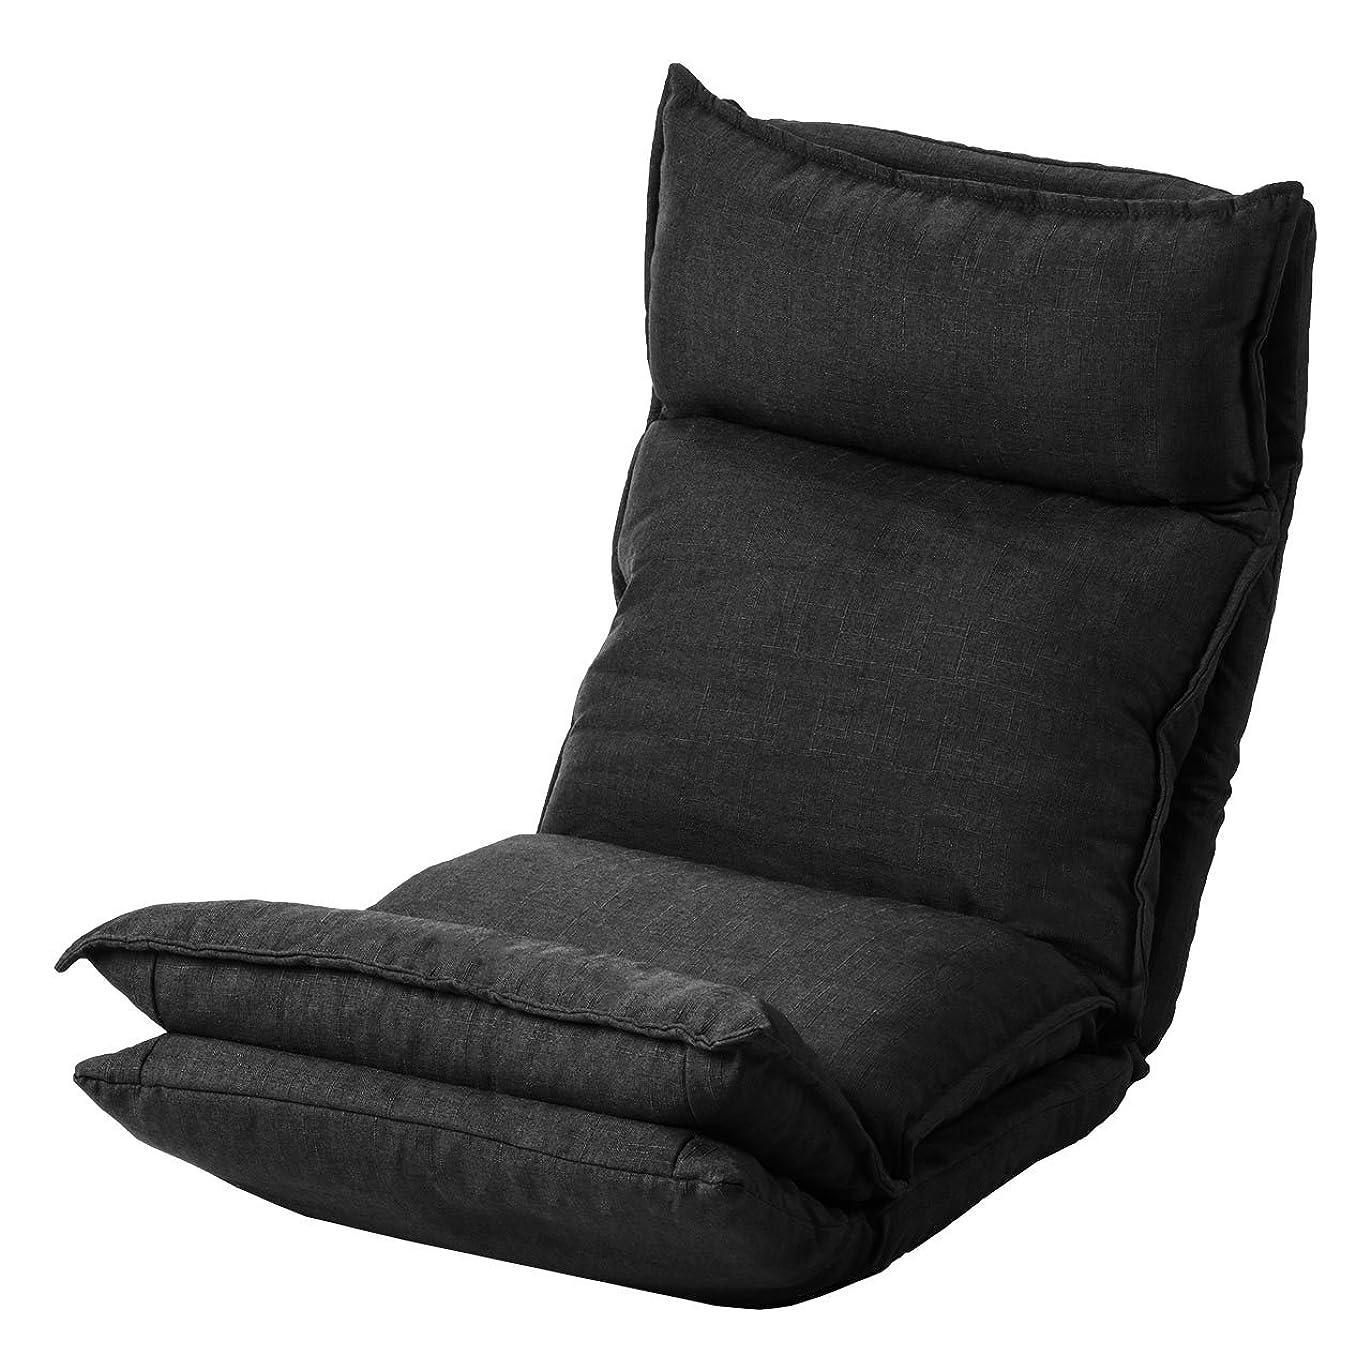 ジャンク恩赦に対処するサンワダイレクト 座椅子 ダブルクッションでフレームのゴツゴツ感なし! 42段階リクライニング ハイバック 肉厚座面 ブラック 150-SNCF012BK